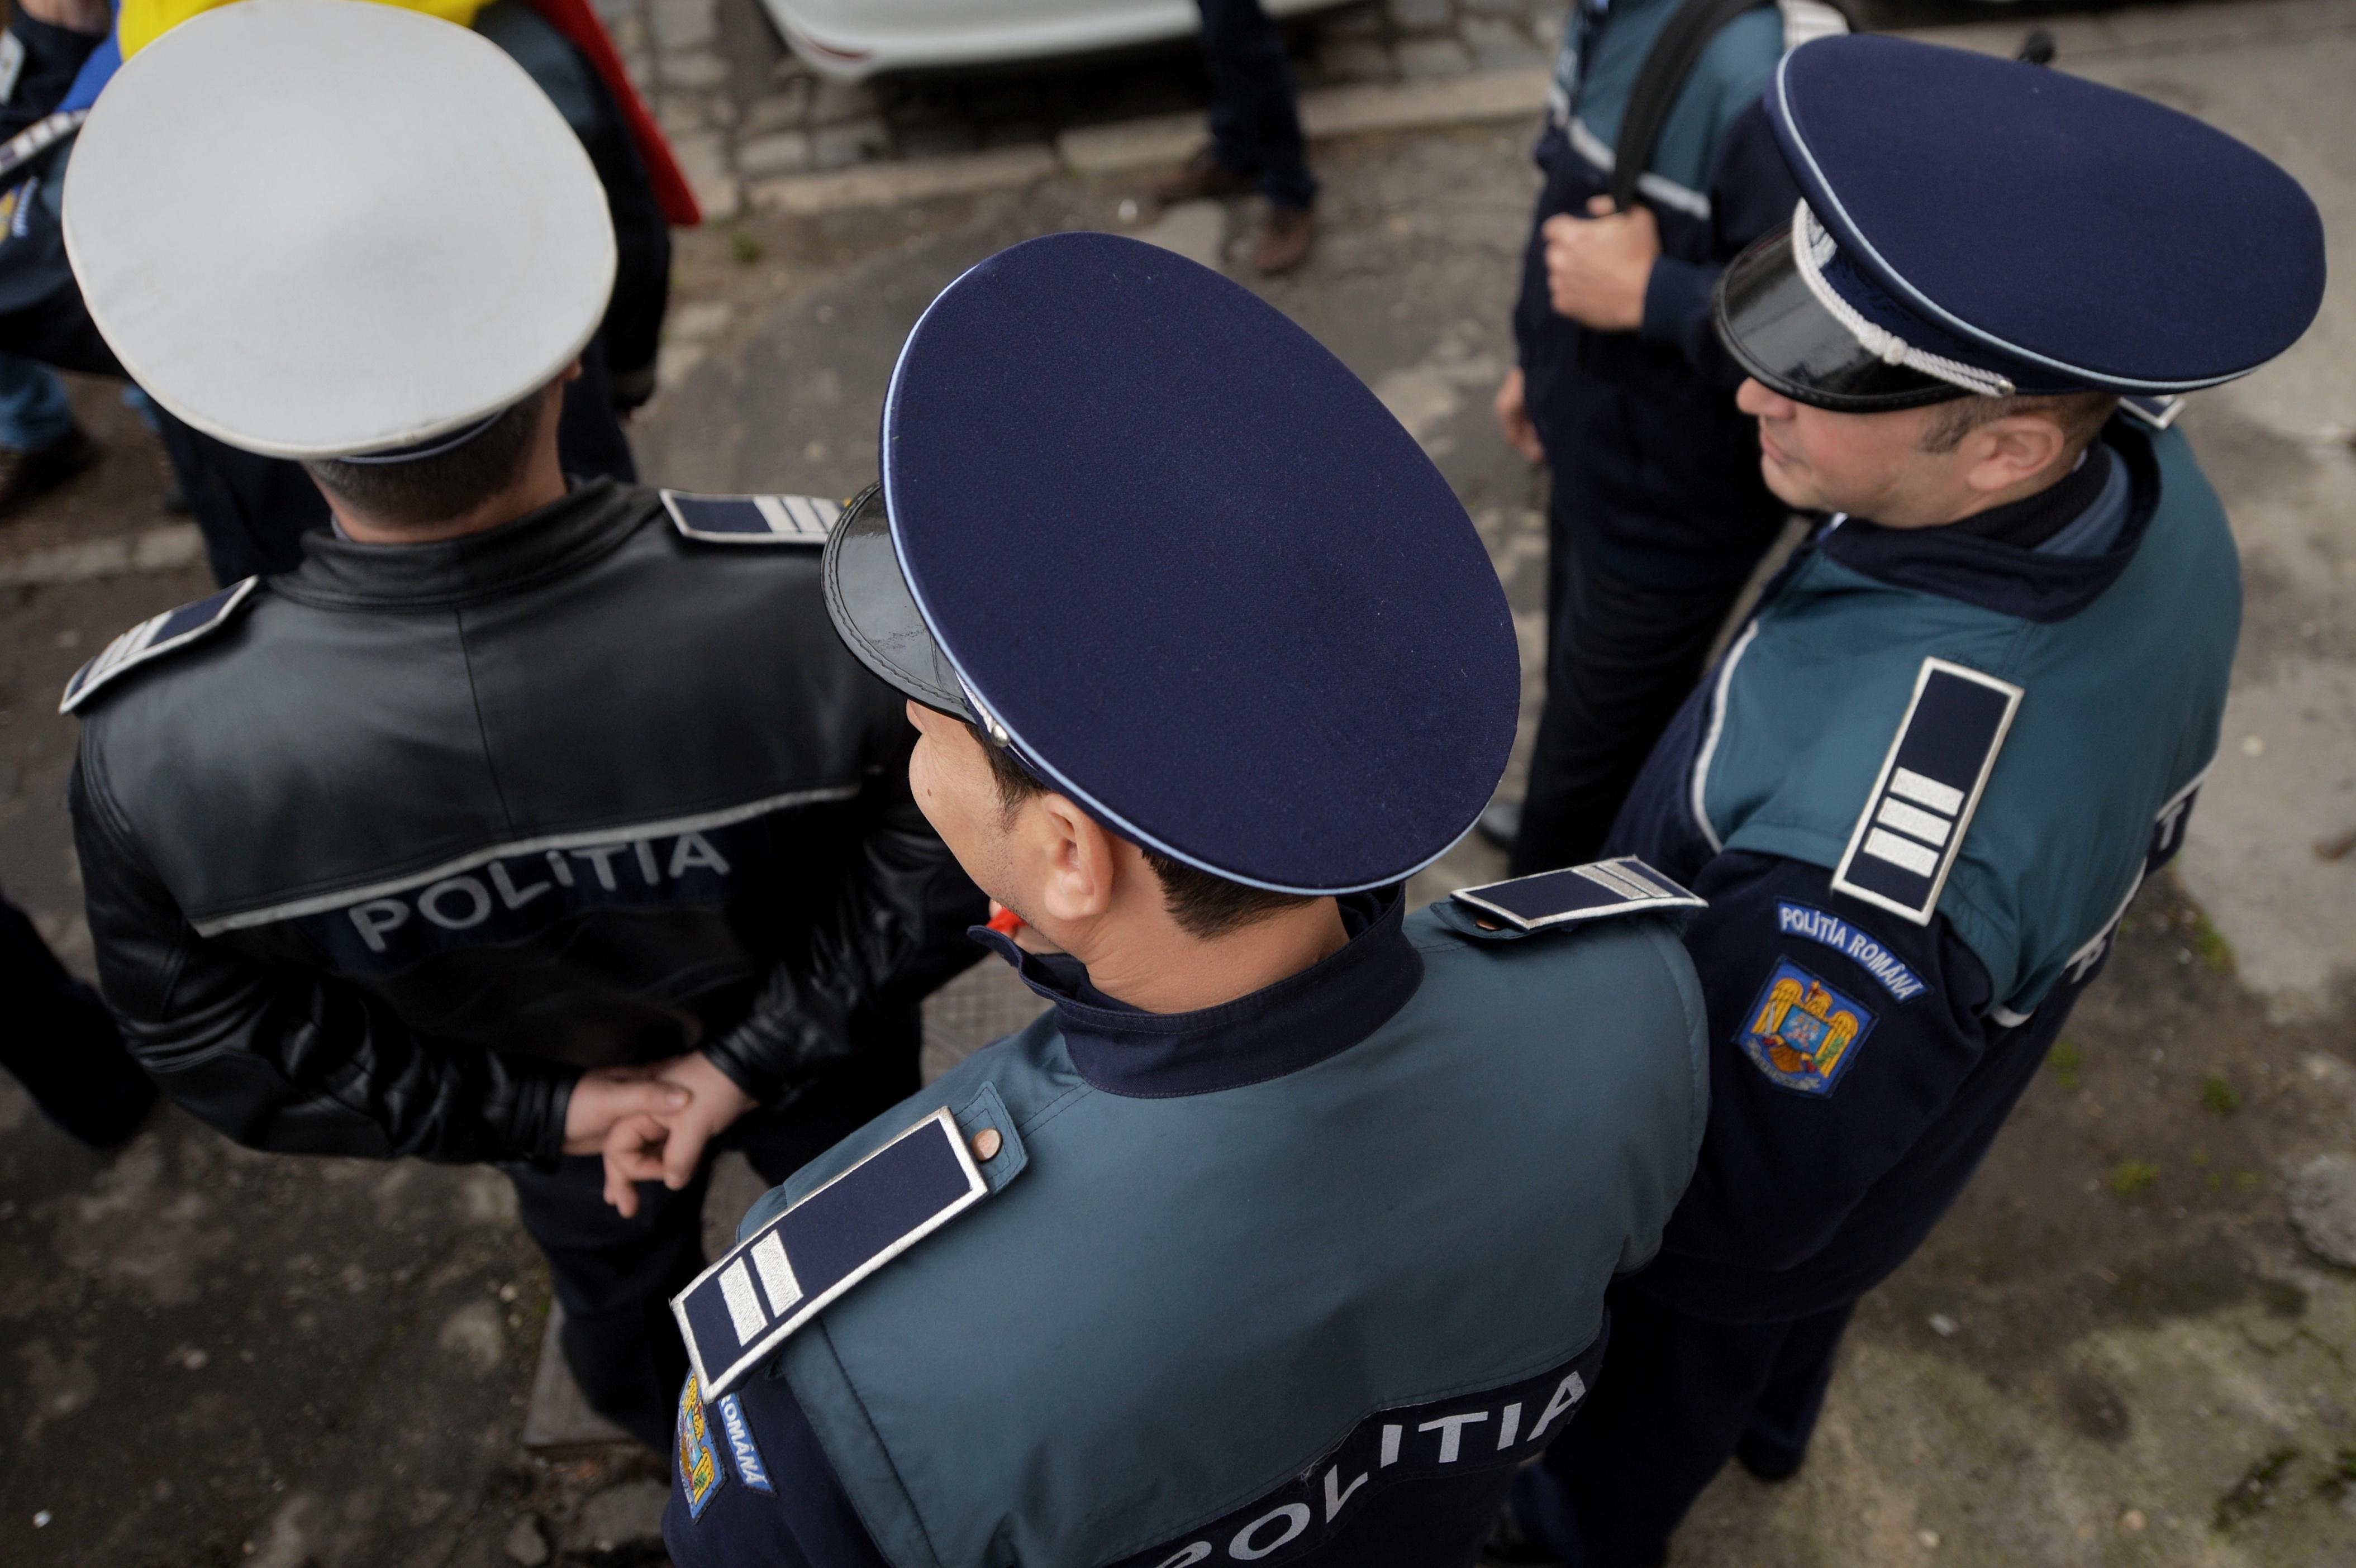 Un italian condamnat la 16 ani de închisoare pentru crimă organizată a fost predat autorităţilor